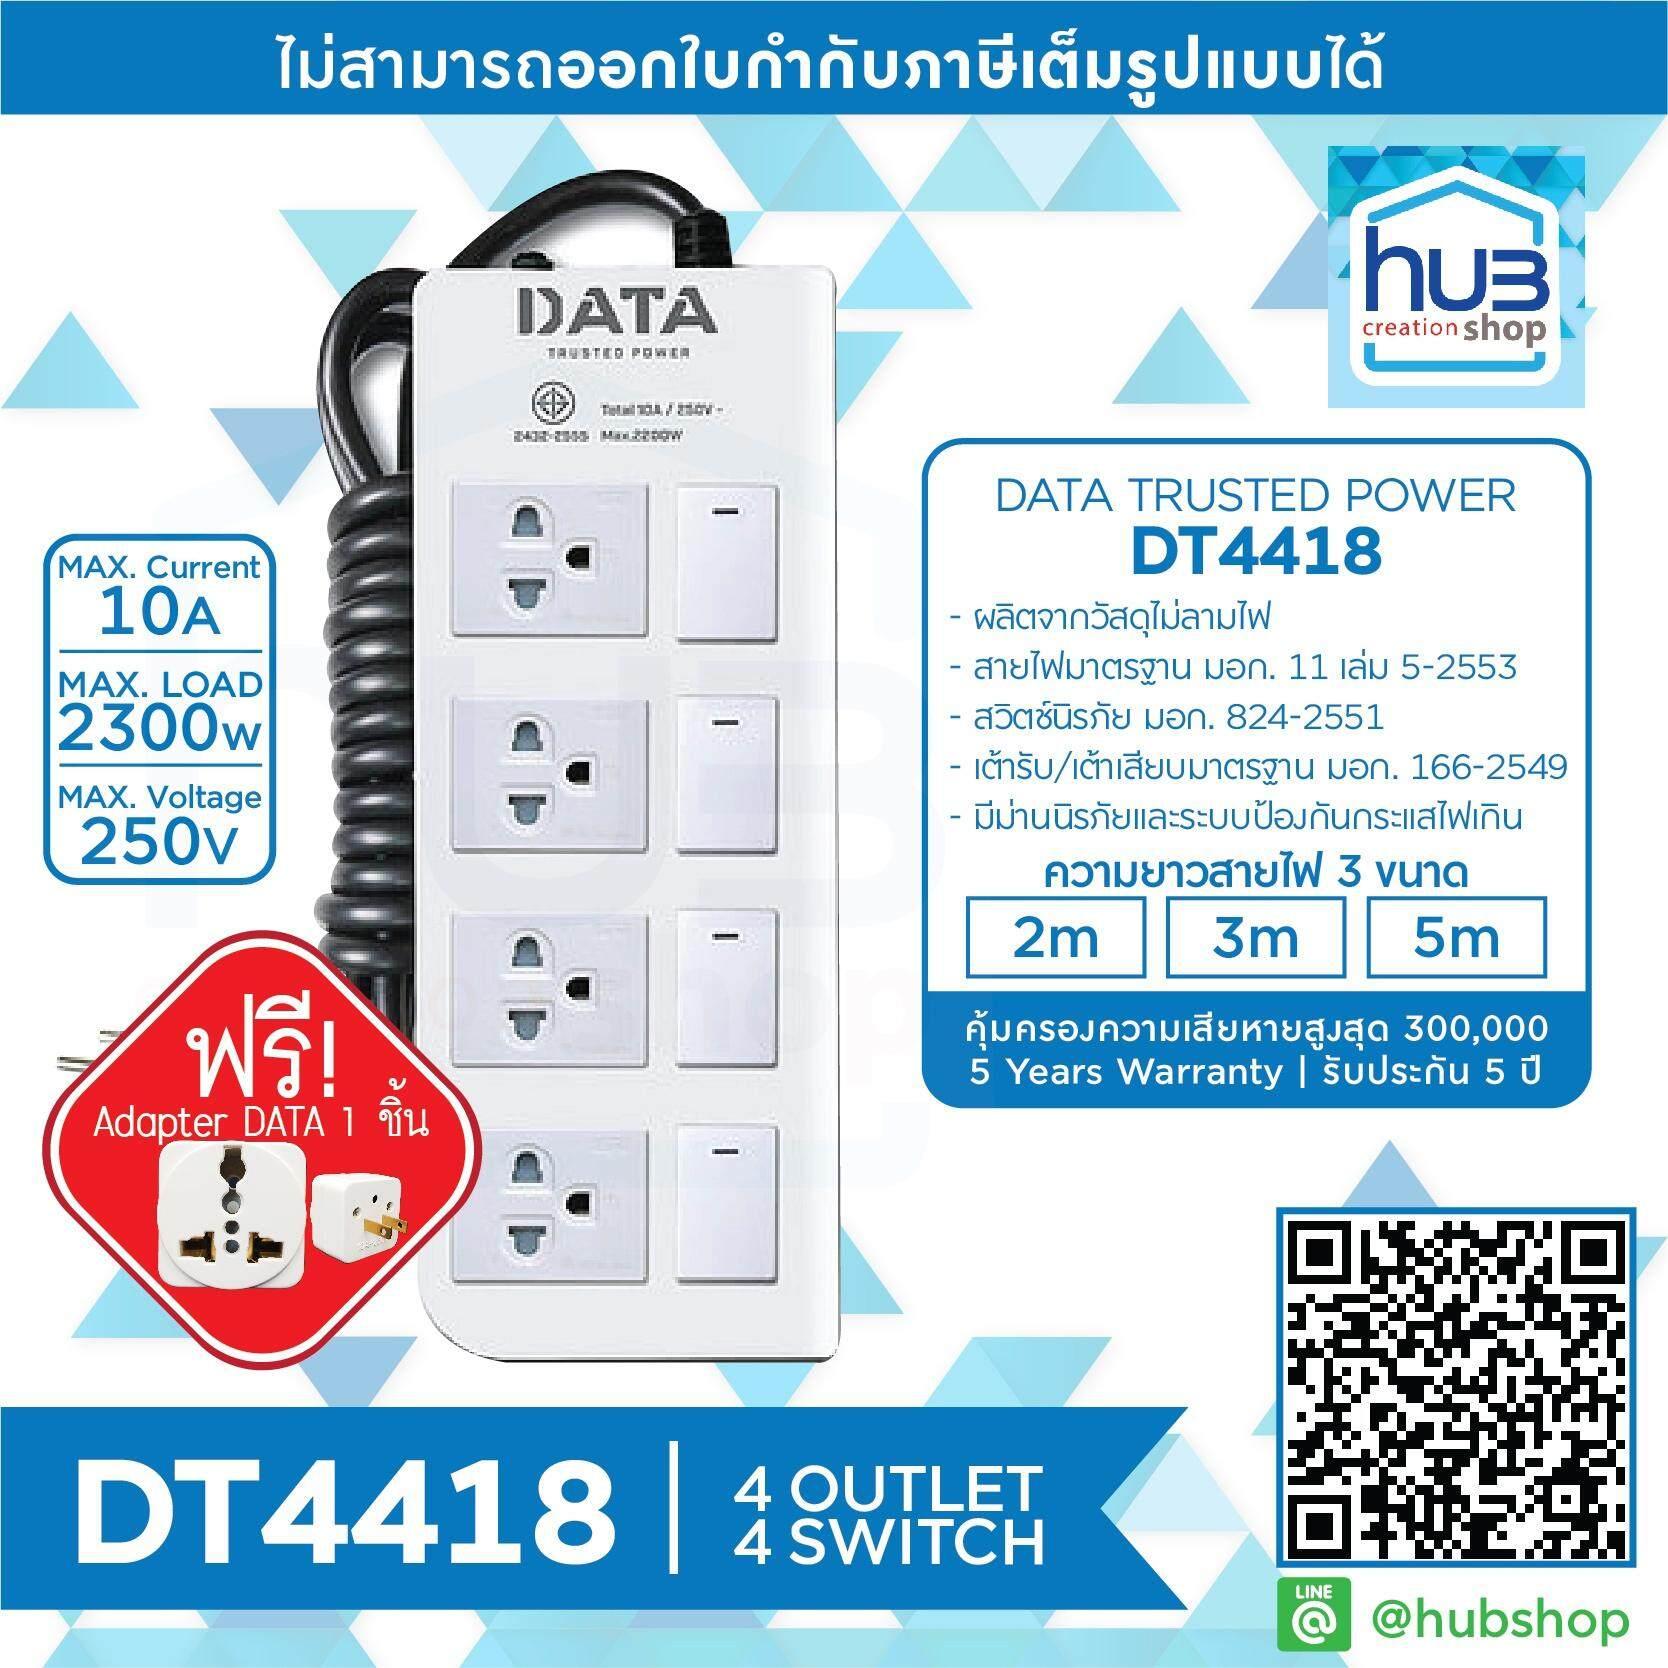 ปลั๊กไฟ ปลั๊กพ่วง ปลั๊กราง 4ปลั๊ก 4สวิตช์ Data DT4418 ปลั๊กไฟมาตราฐาน มอก.